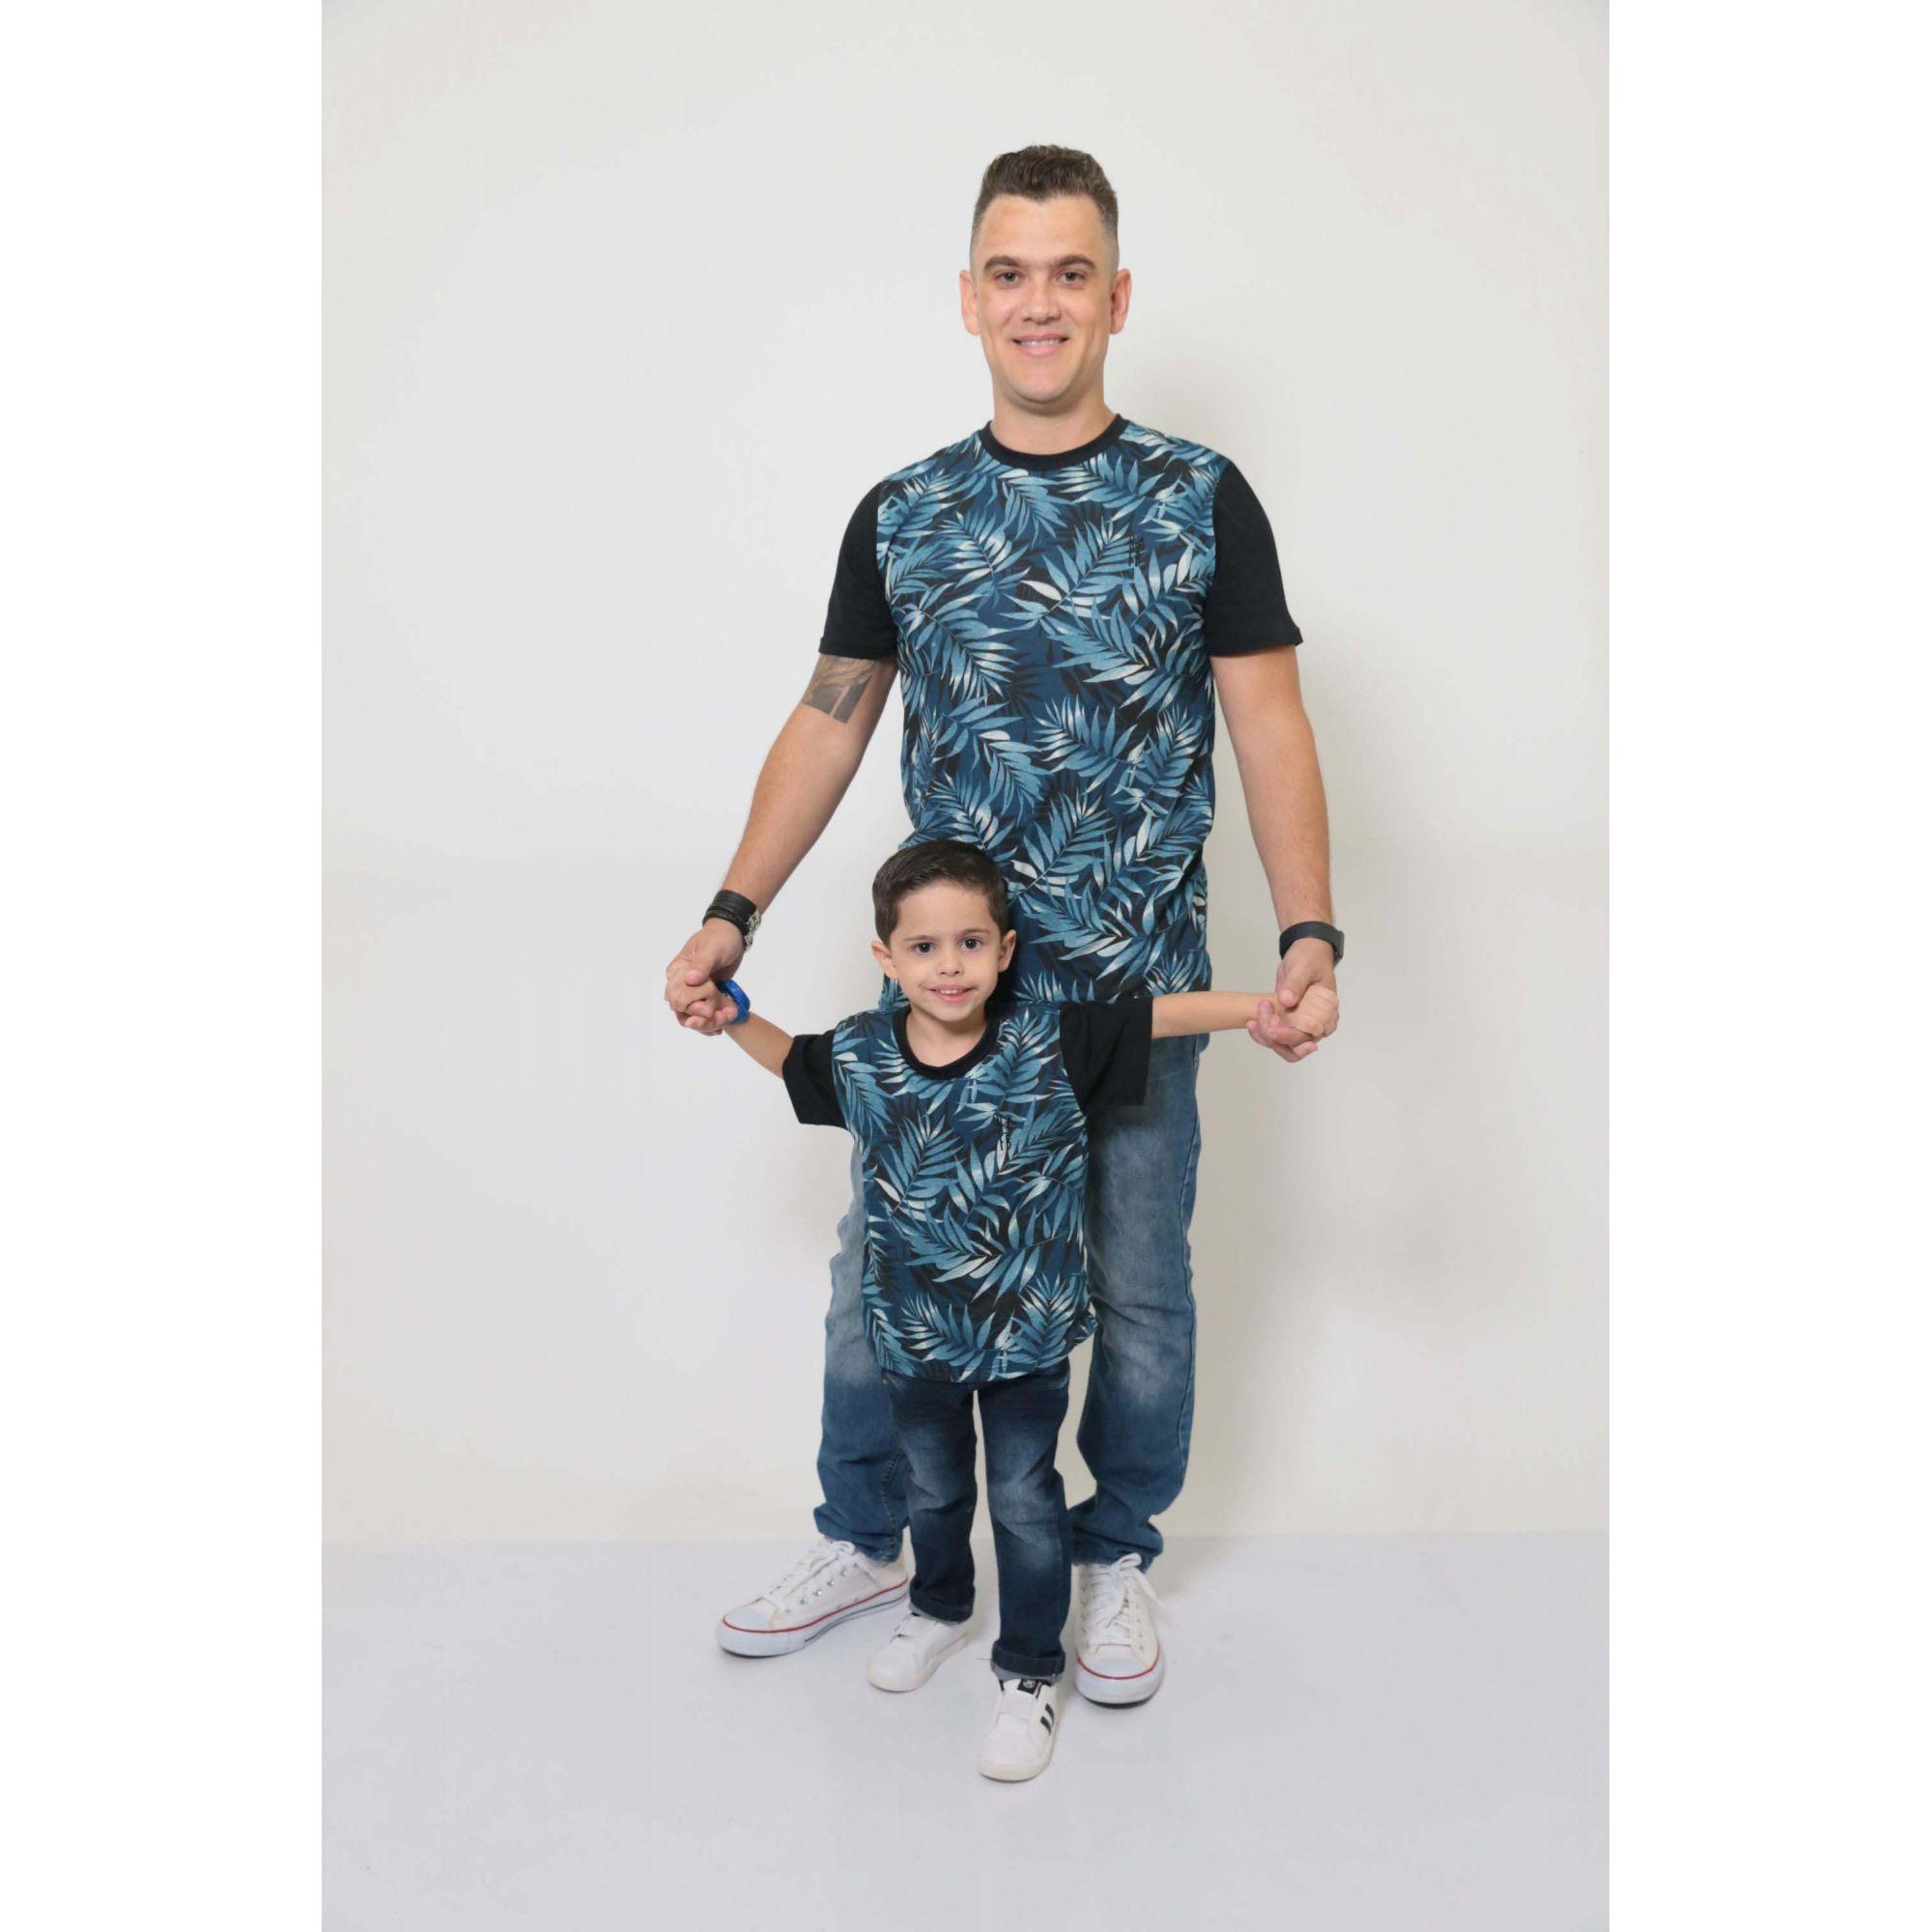 PAI E FILHO > 02 T-Shirts - Tropical  [Coleção Tal Pai Tal Filho]